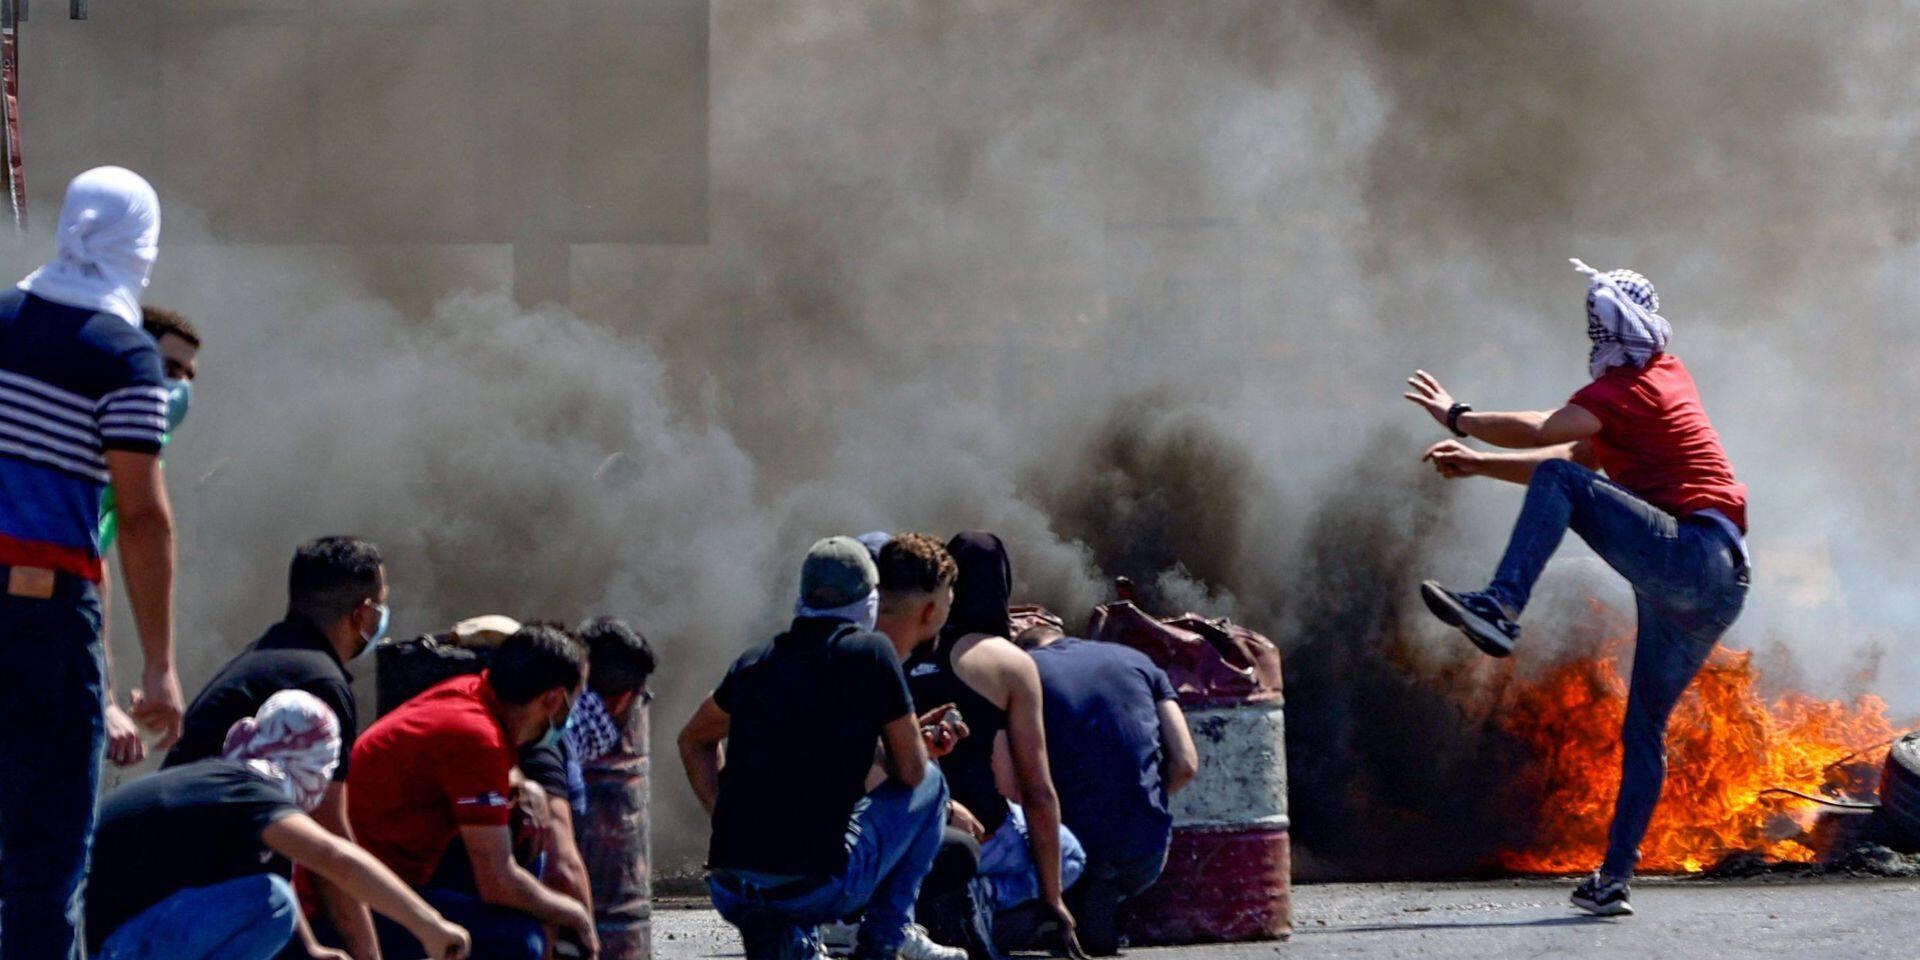 Conflit israélo-palestinien: deux Palestiniens tués dans des heurts avec l'armée israélienne, plus de 100 blessés